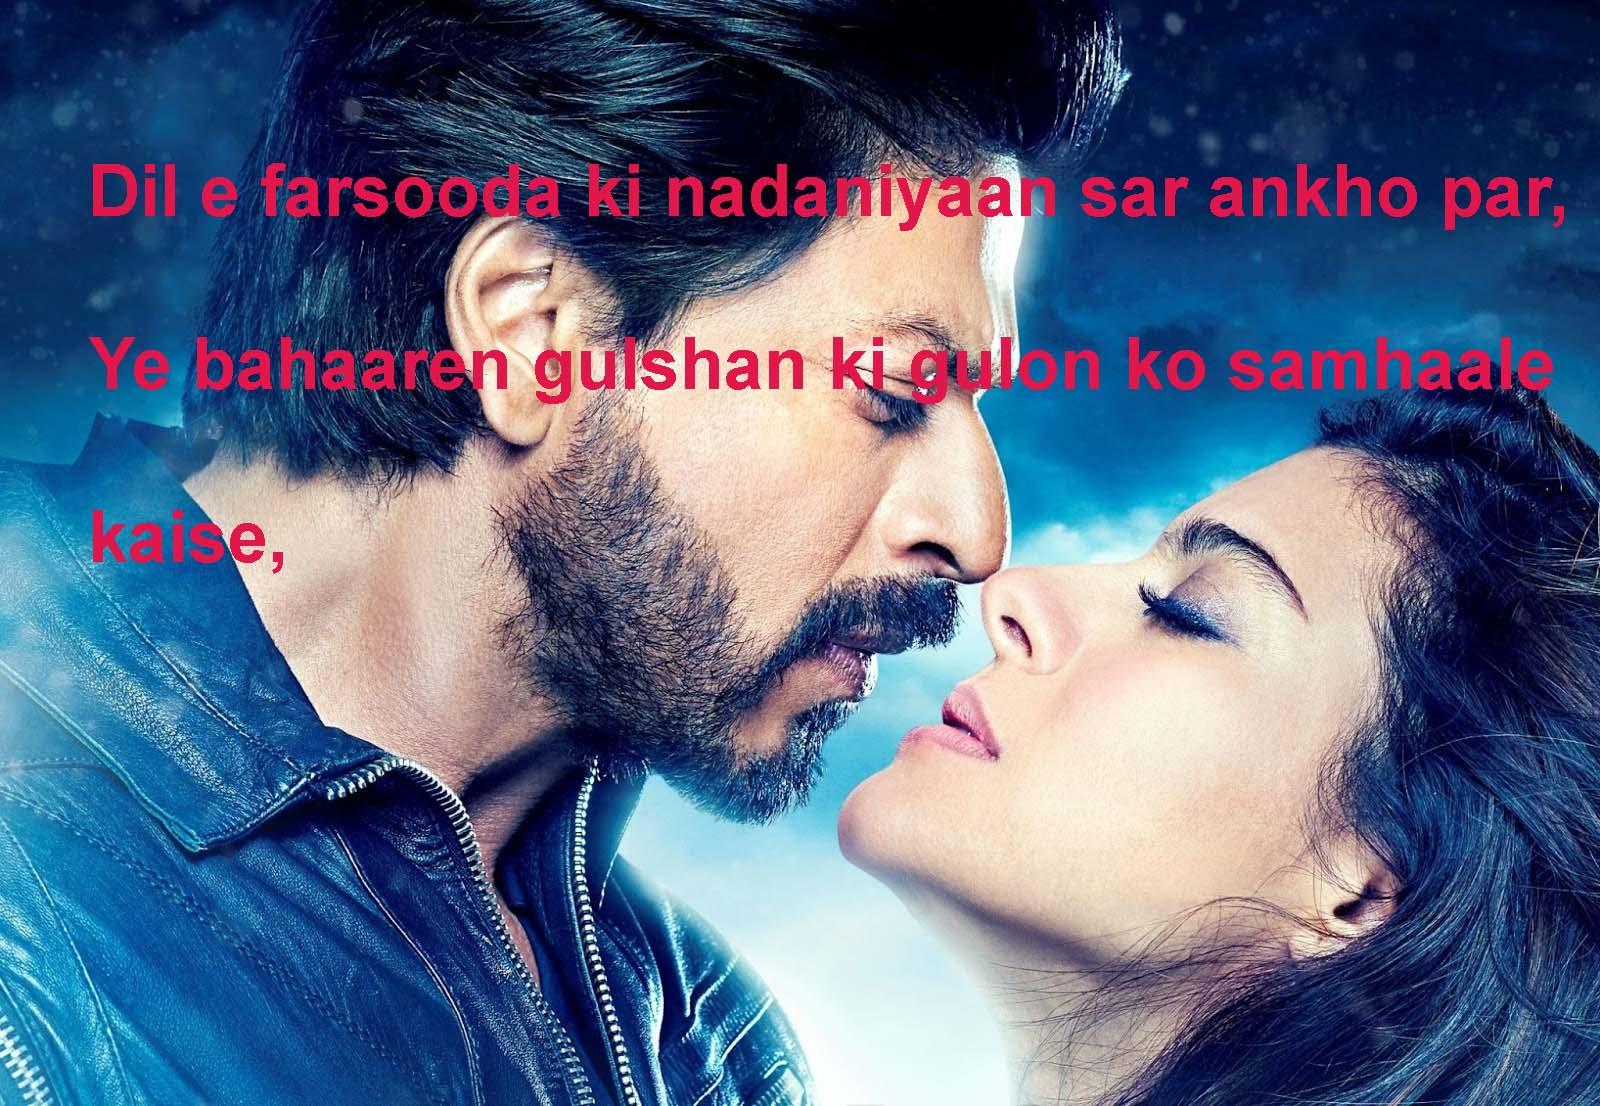 sad poetry in urdu 2 lines,